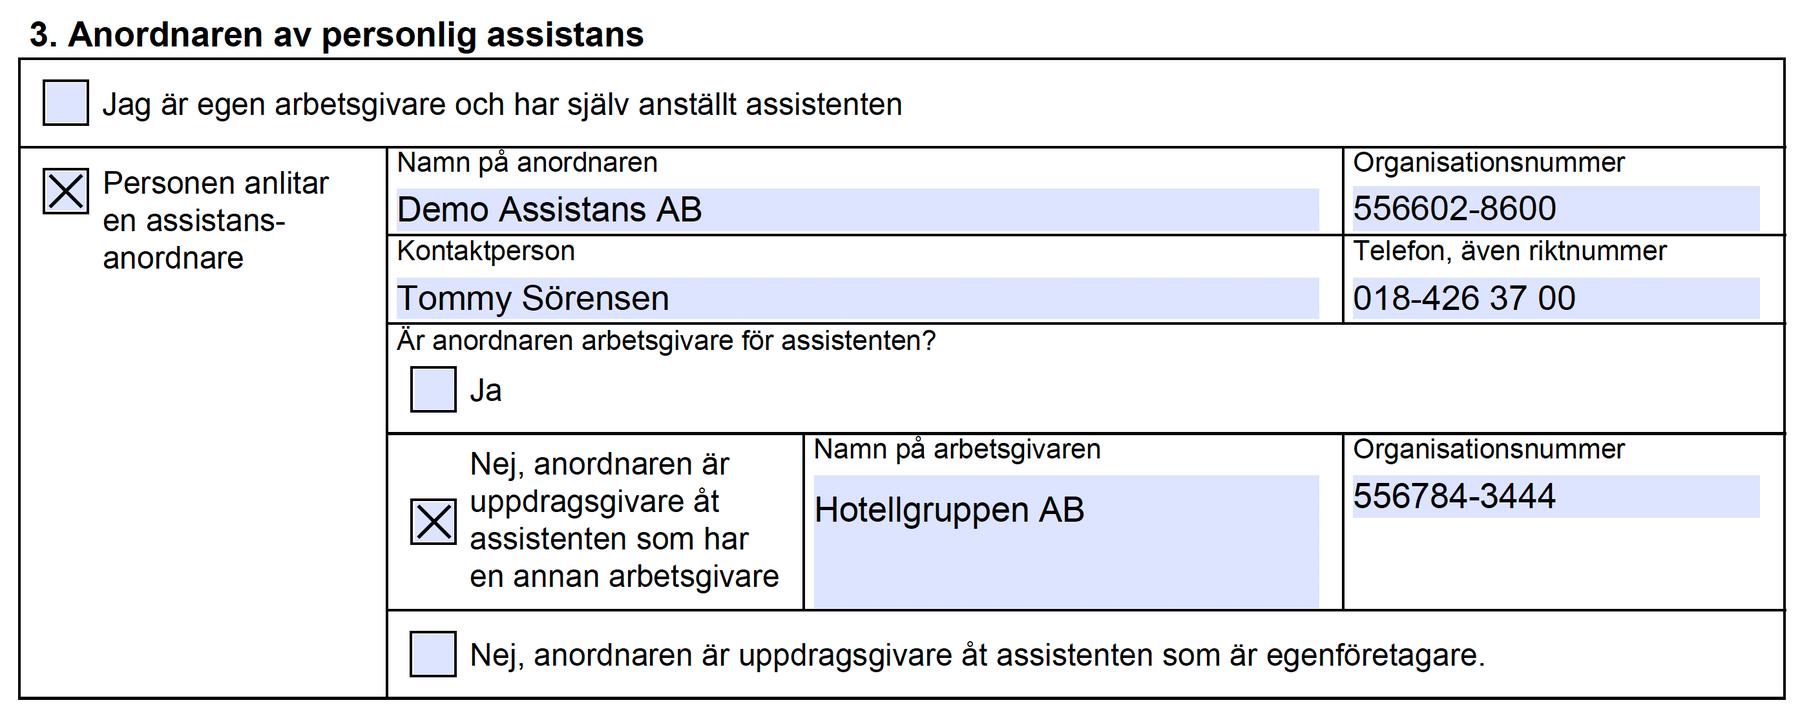 Coordinare fyller automatiskt i tidsredovisningen på korrekt sätt för den inhyrda personalen även om ni använder PDF-blanketten